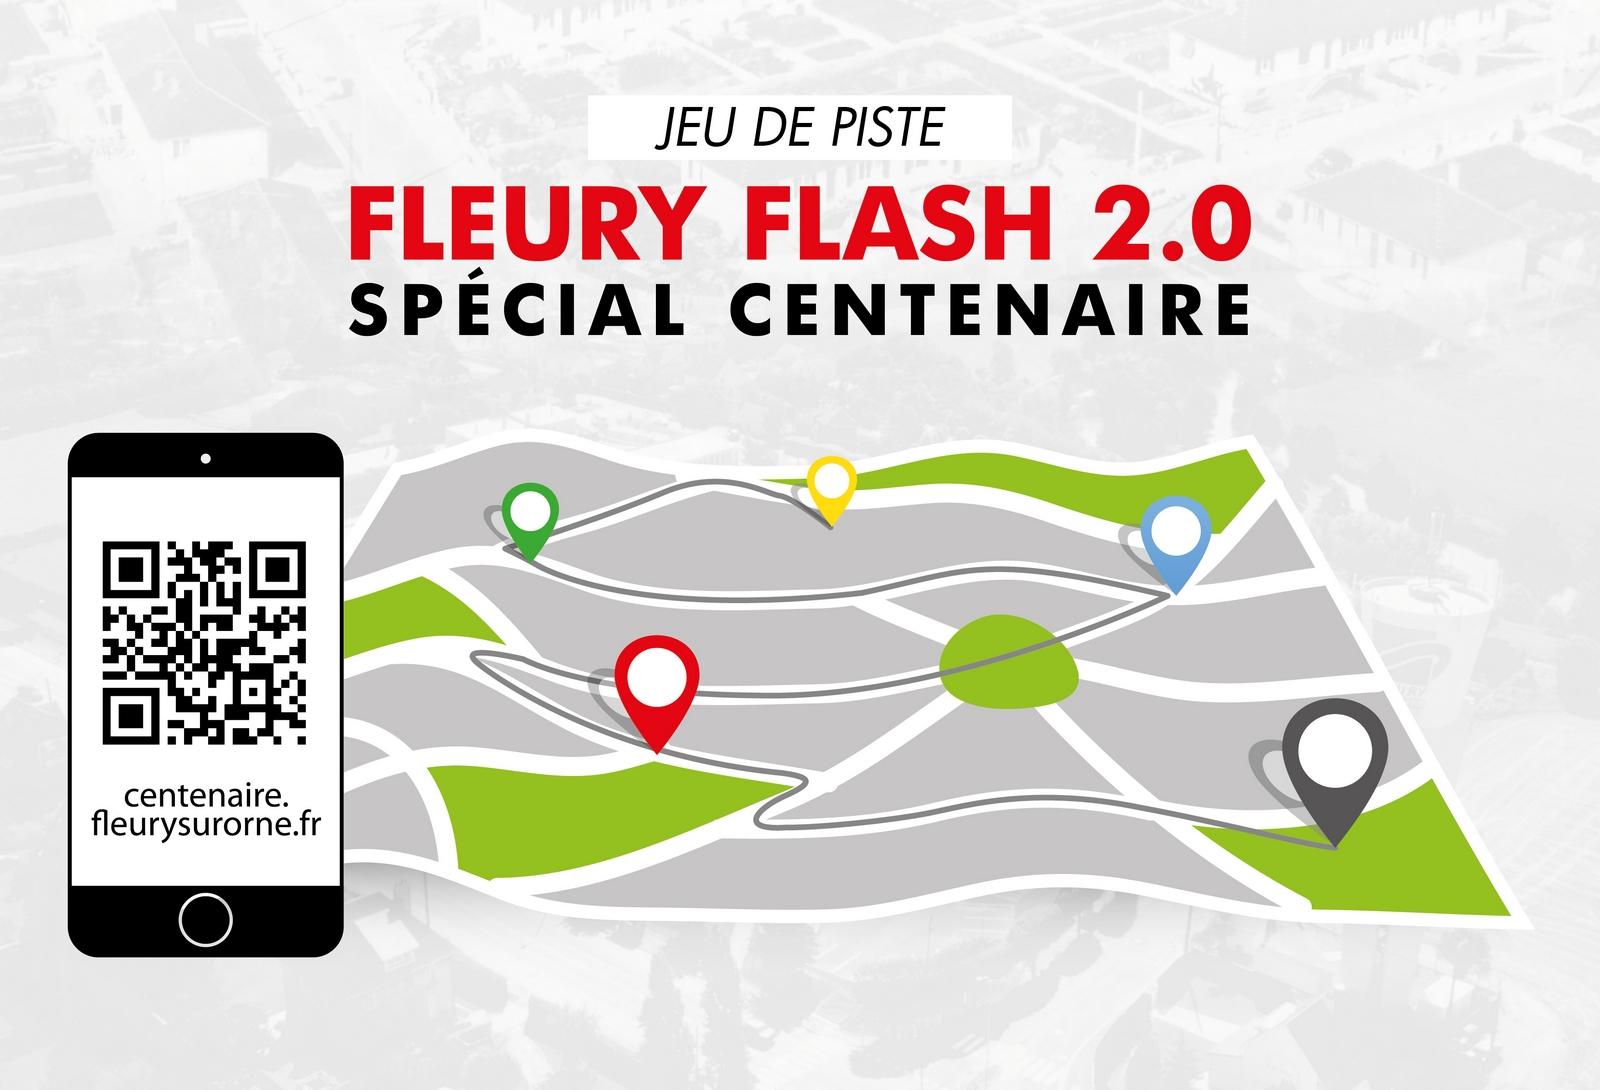 Fleury Flash 2.0 Spécial Centenaire